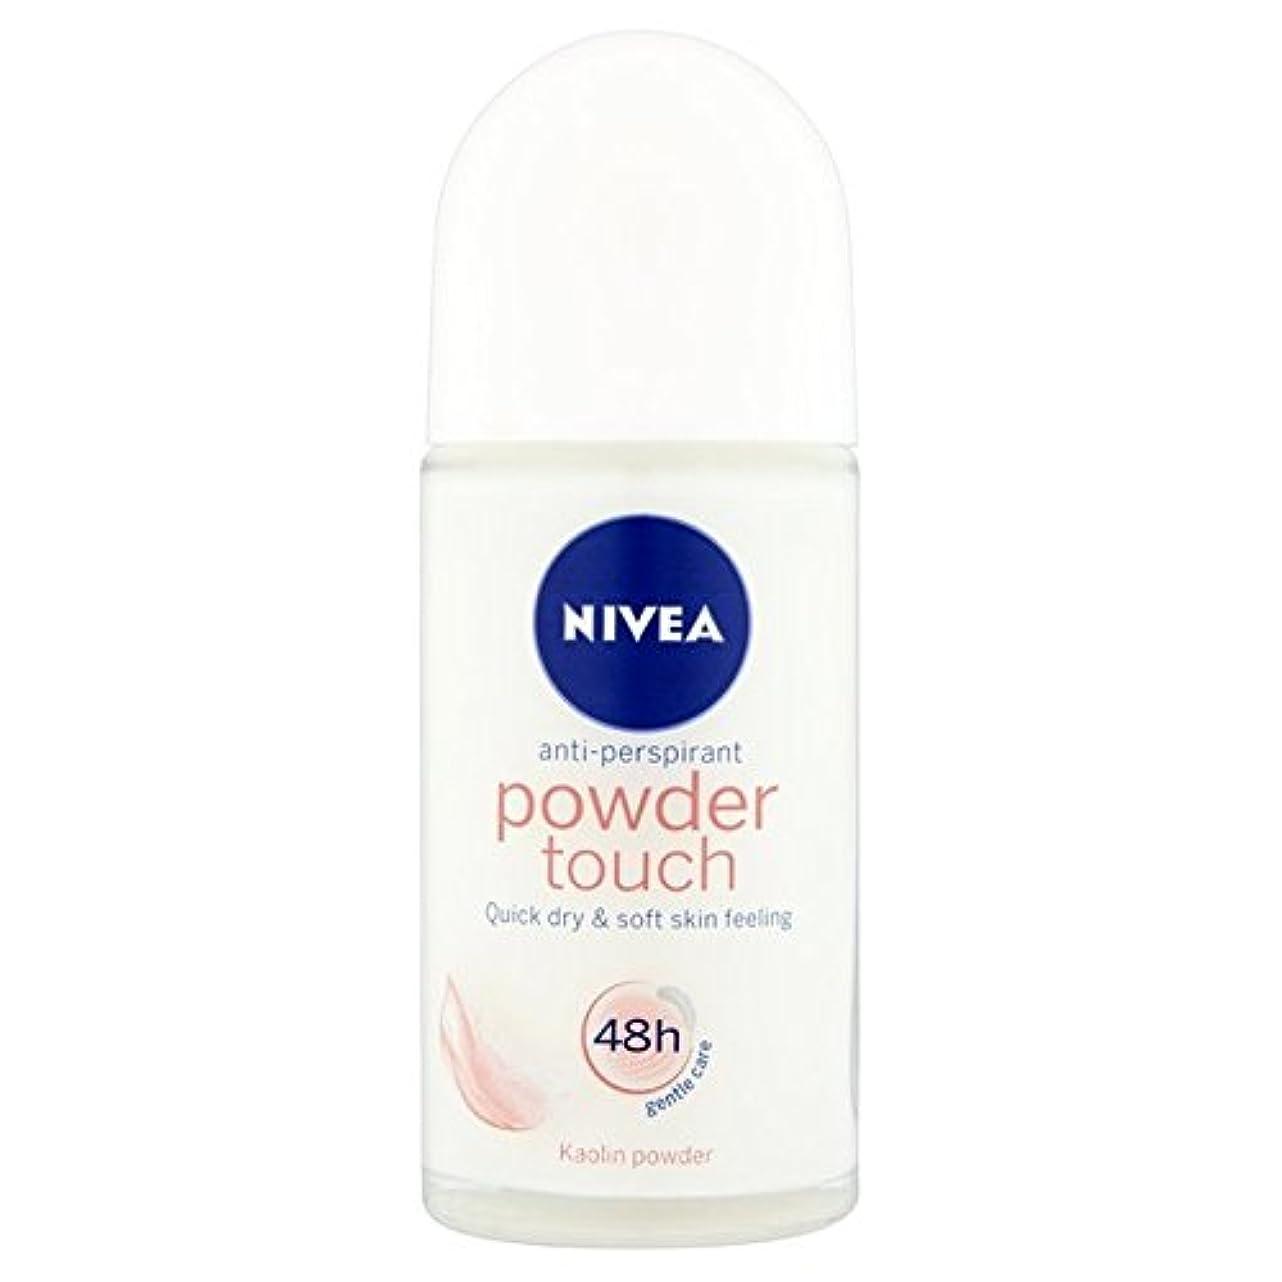 暗唱する焦がすドールNivea Powder Touch 48hr Roll On Anti-Perspirant Deodorant 50ml - 制汗デオドラント50ミリリットルのニベアパウダータッチ48時間ロール [並行輸入品]